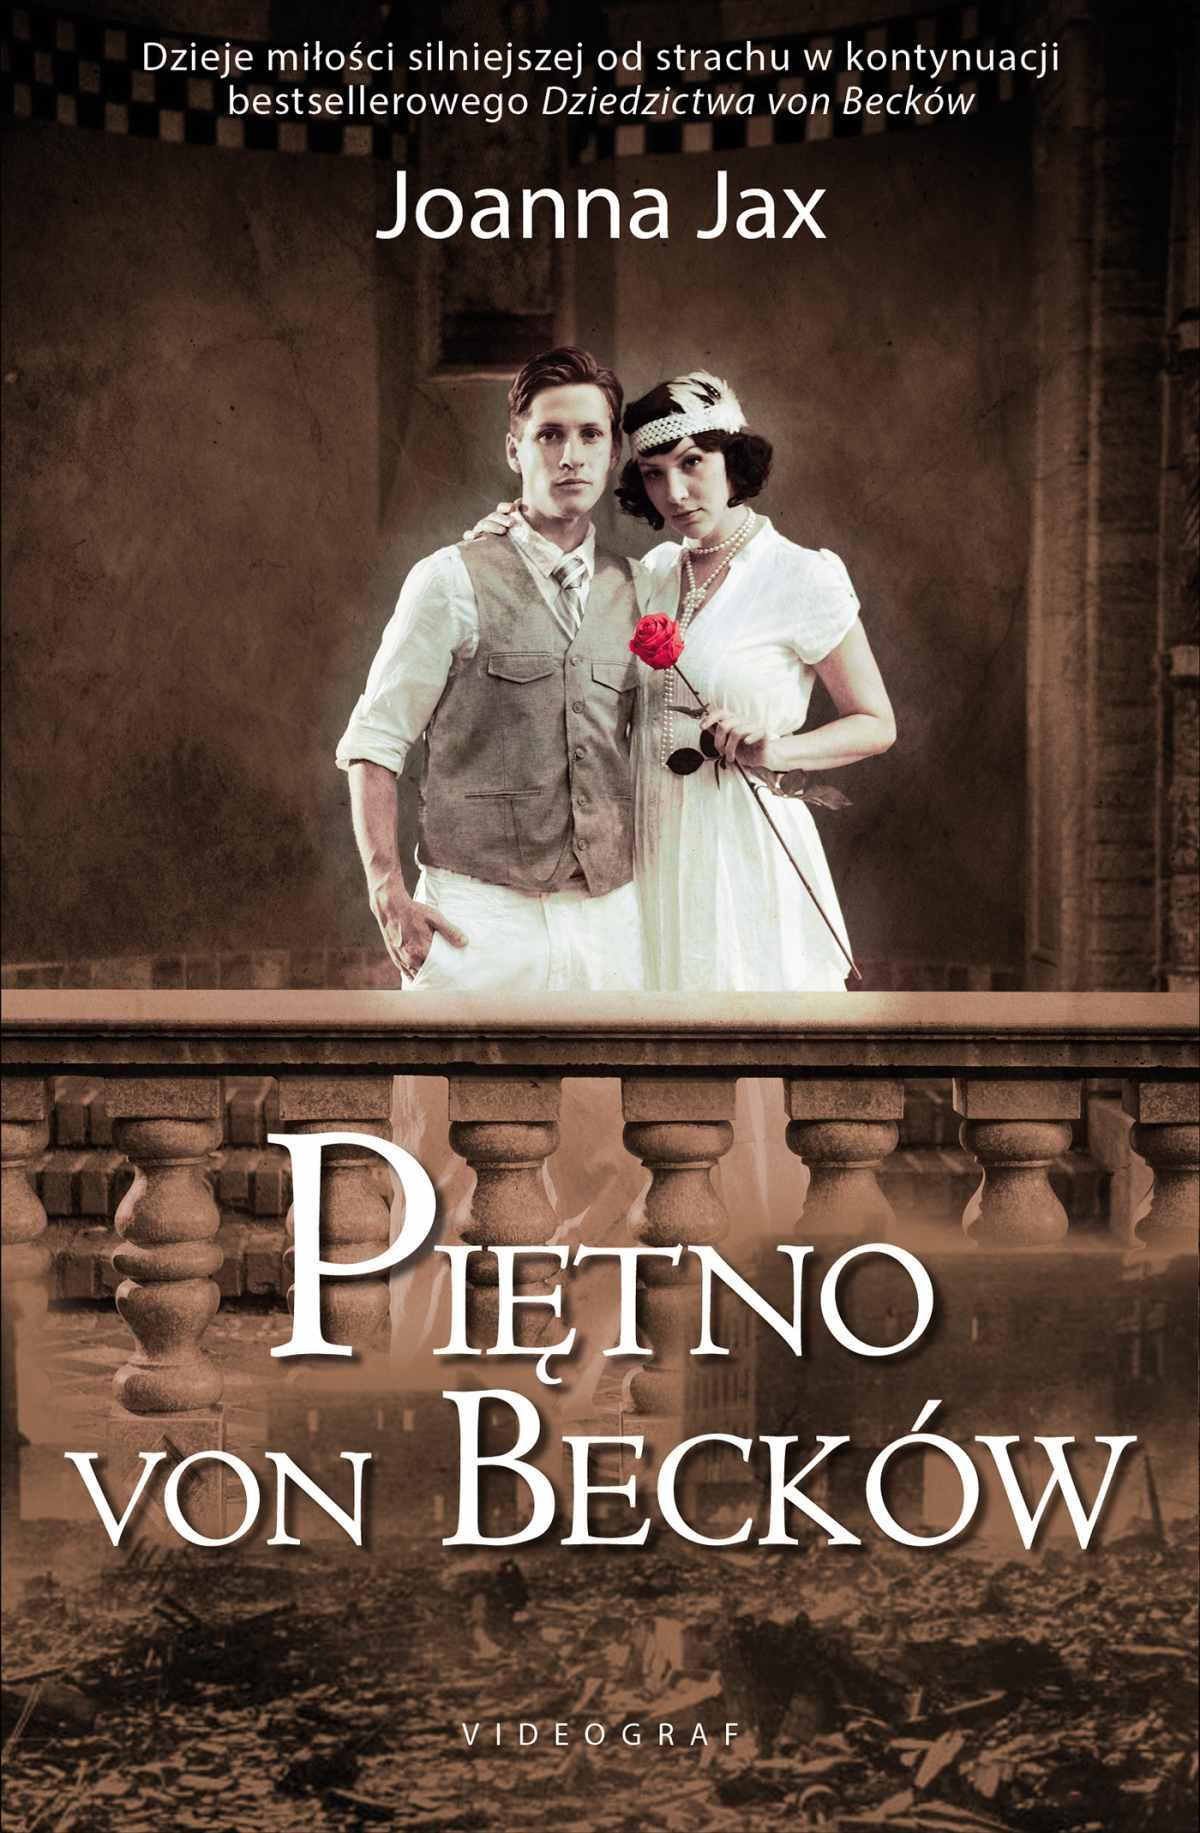 Piętno von Becków - Ebook (Książka na Kindle) do pobrania w formacie MOBI